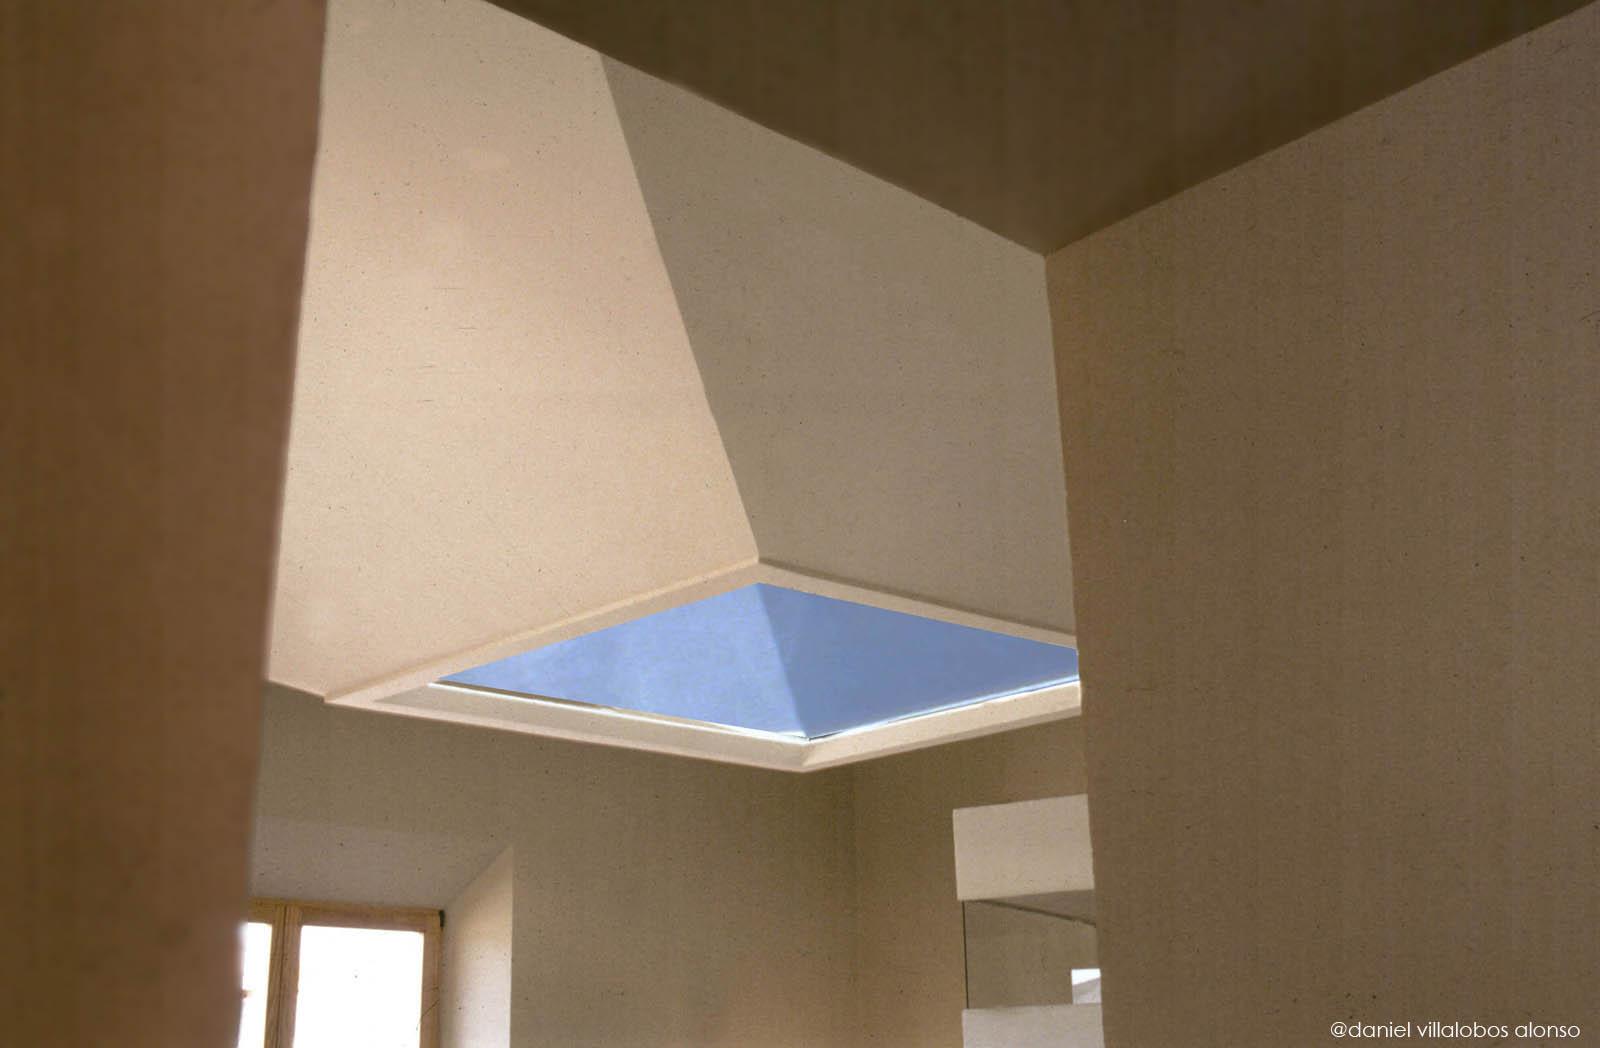 danielvillalobos-spanish-architecturexxthcentury-stonearchitecture-spanisharchitecturemodern-12